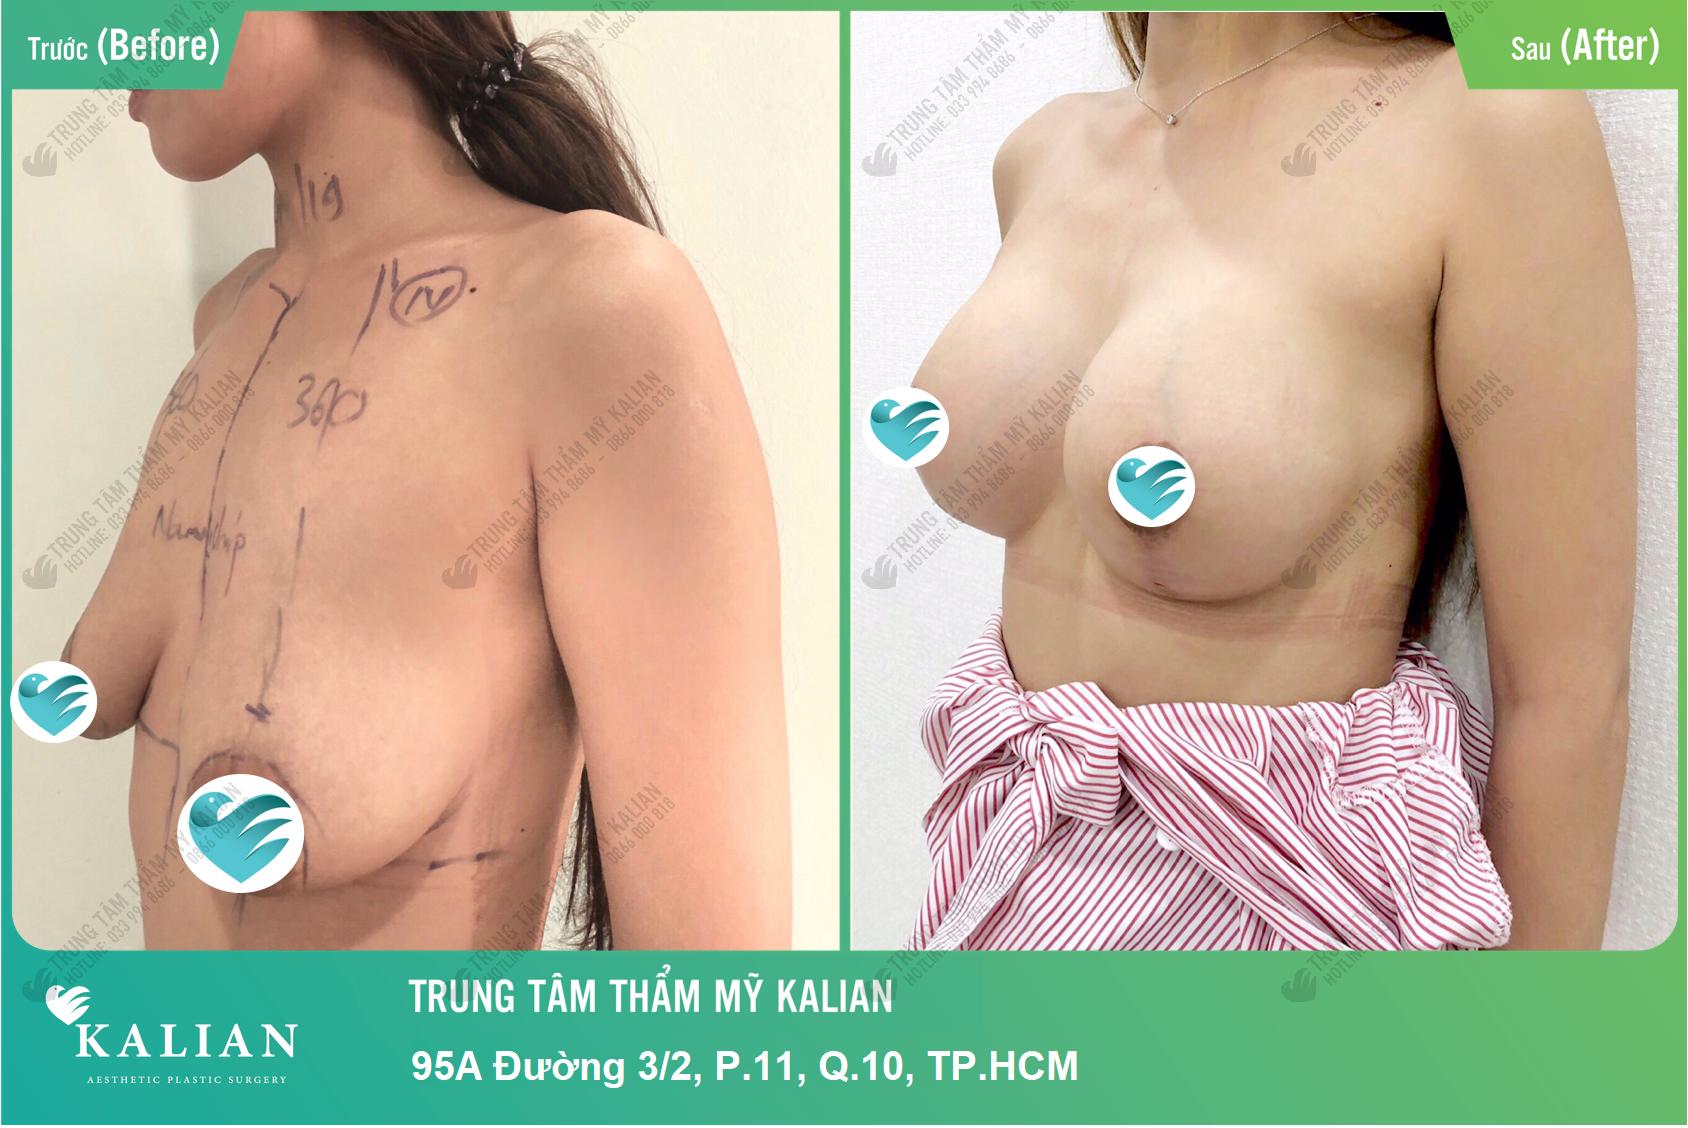 Dịch vụ nâng ngực nội soi trung tâm thẩm mỹ Kalian